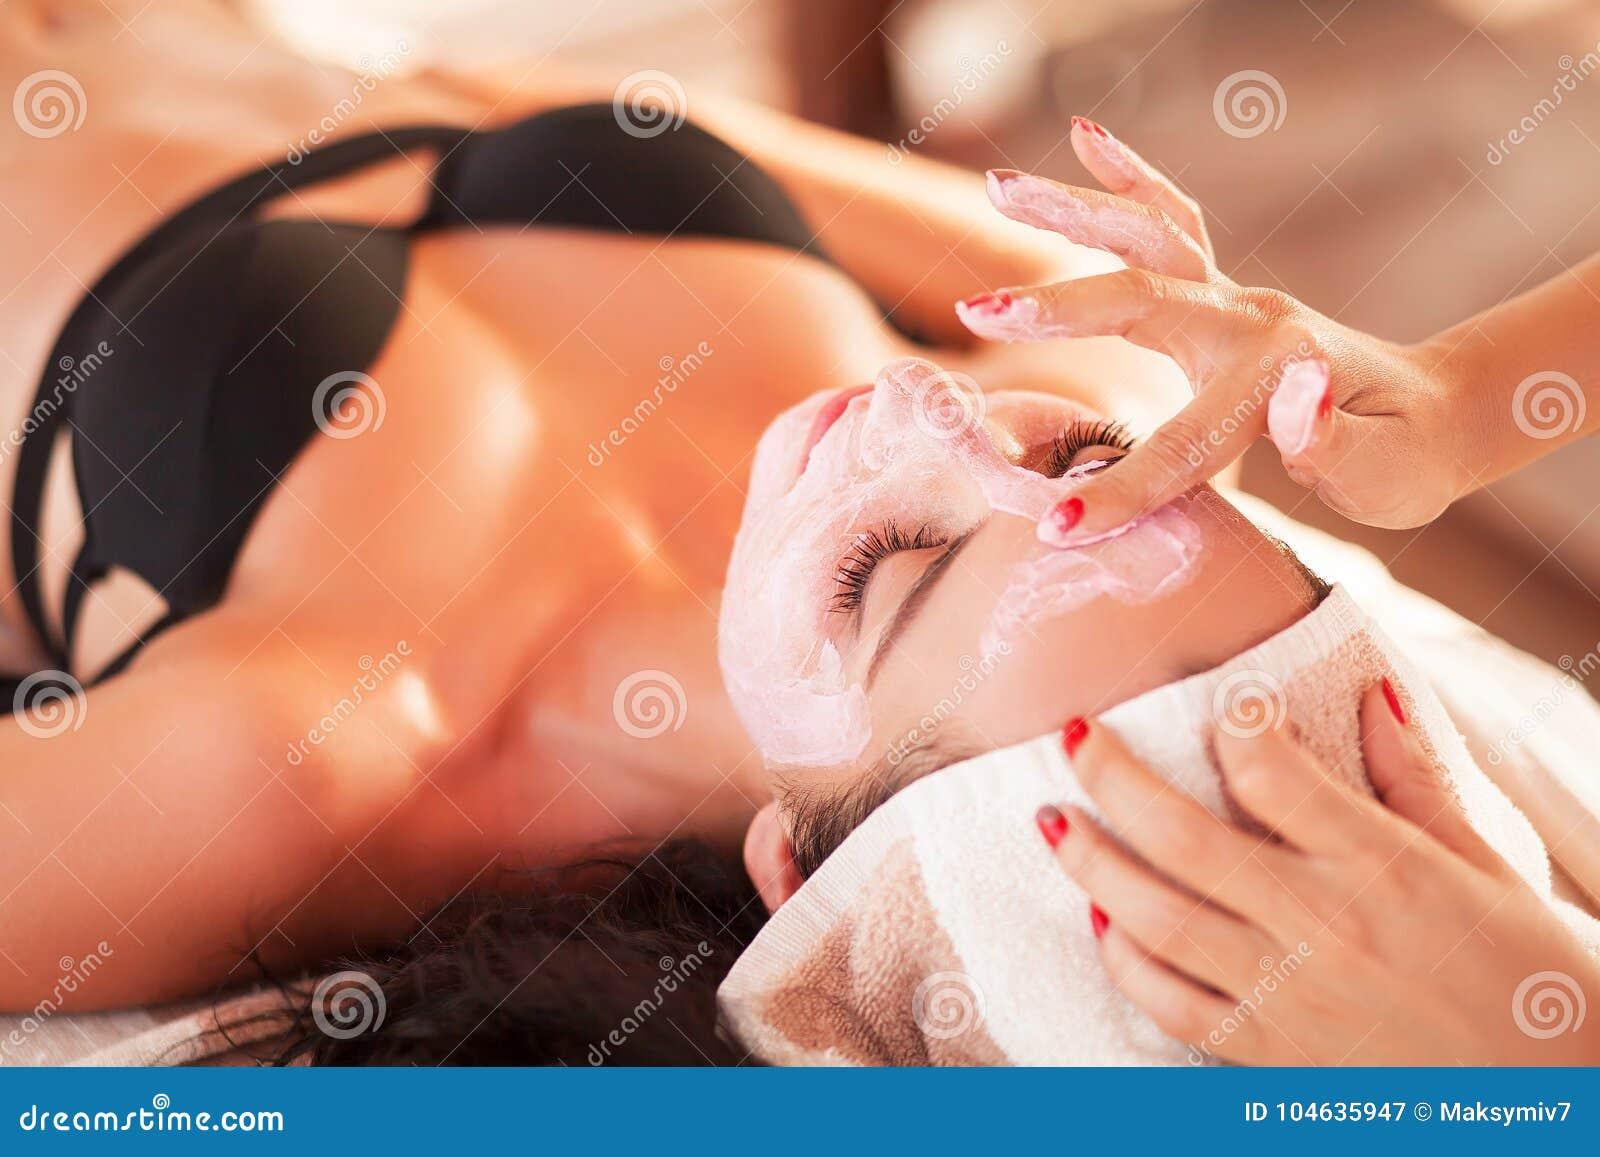 Download Vrouw In Kuuroordsalon De Mooie Vrouw Krijgt Kuuroordmasker Op Het Zonnige Strand In Kuuroord Stock Afbeelding - Afbeelding bestaande uit concept, mensen: 104635947